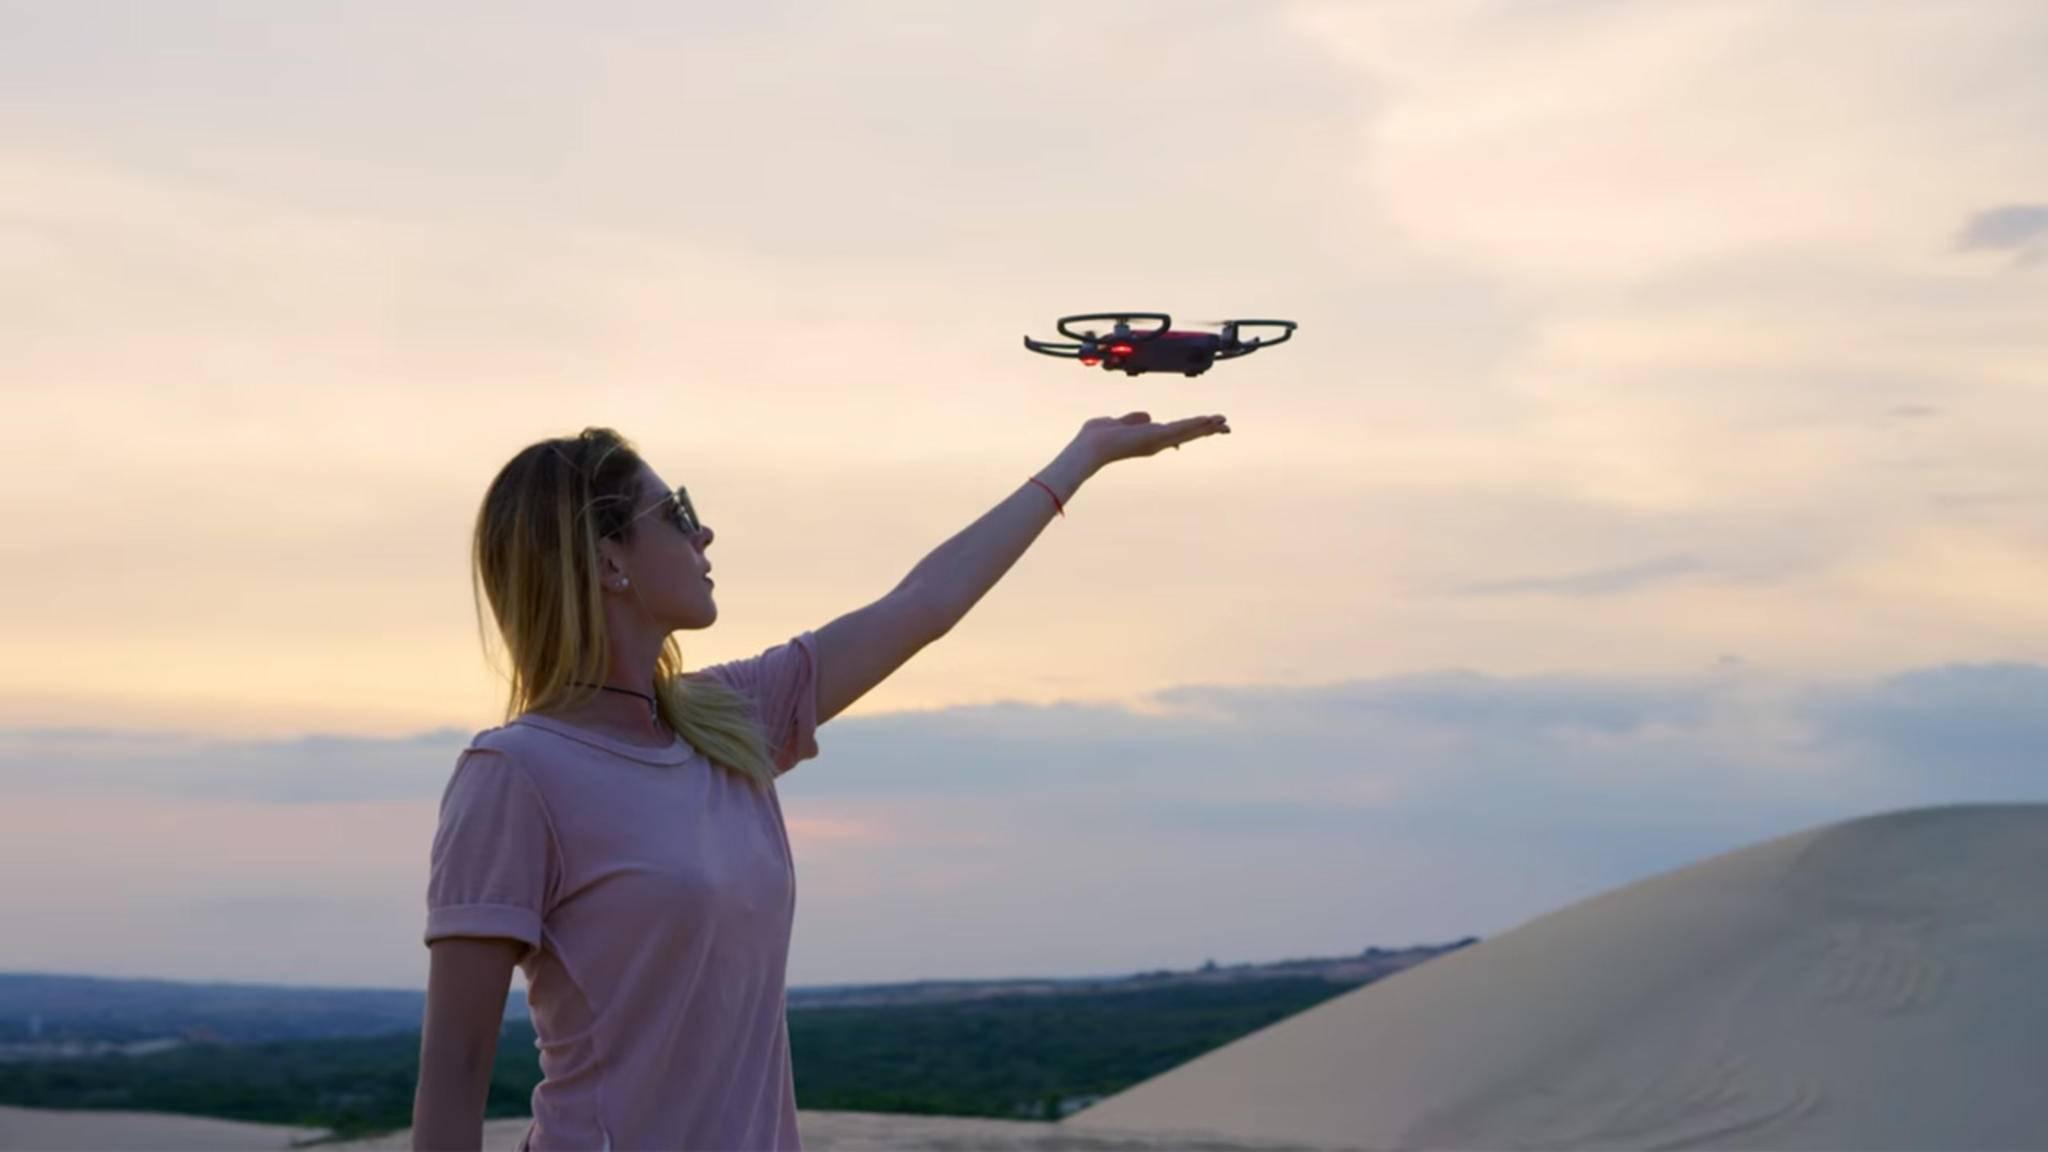 Drohnen müssen nicht riesig sein: Kleine Modelle wie die DJI Spark (Foto) machen auch schöne Bilder und Videos.